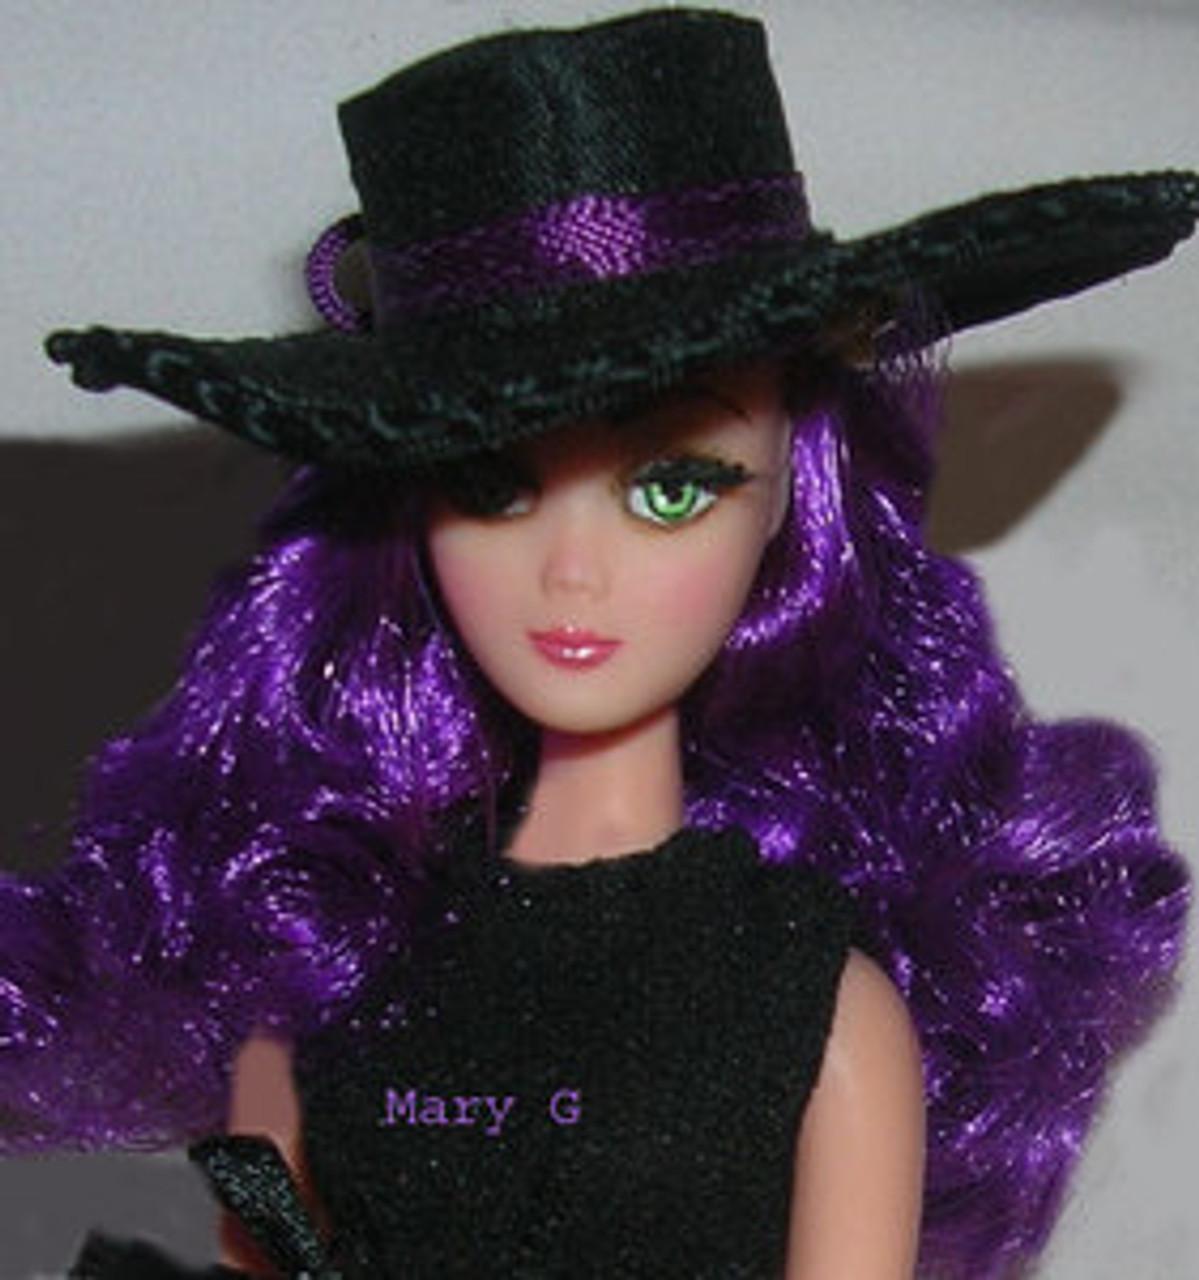 KatSilk Doll Paint E10 Seagreen